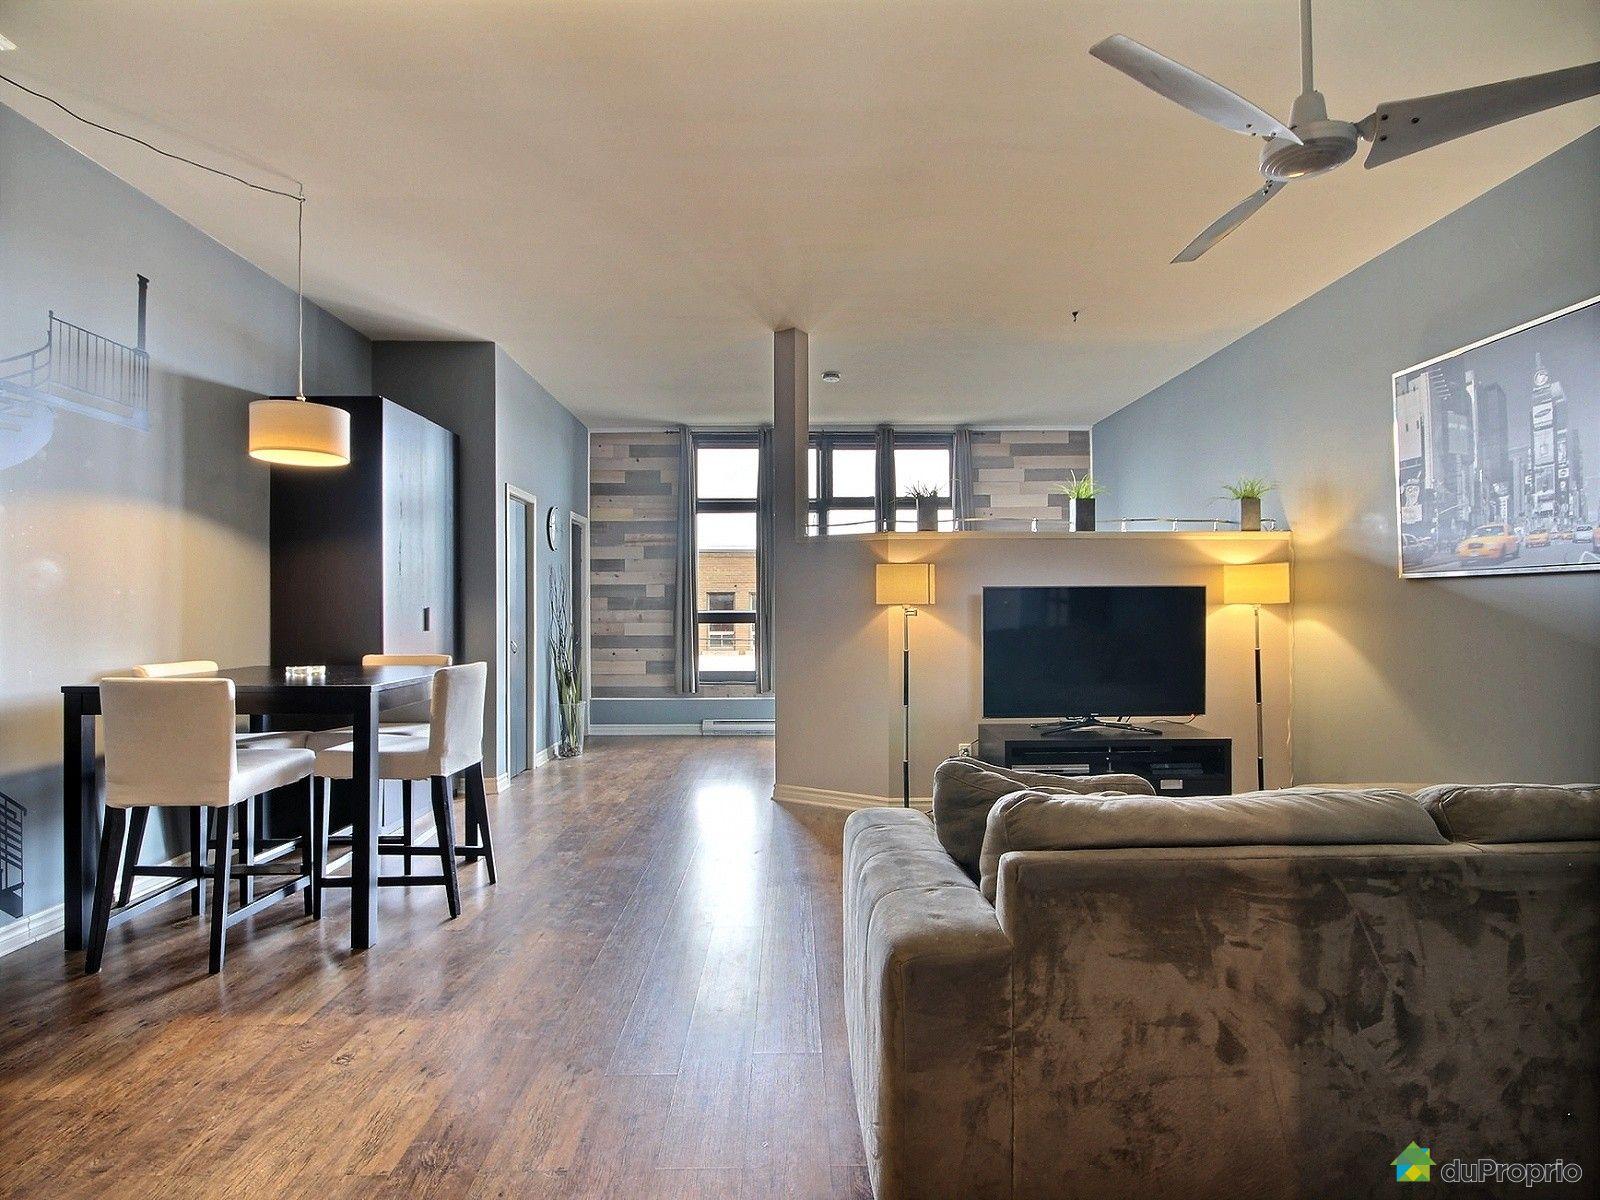 #866D45 Condo à Vendre Montréal 819 Rue Notre Dame Immobilier  3891 salle a manger pas cher montreal 1600x1200 px @ aertt.com